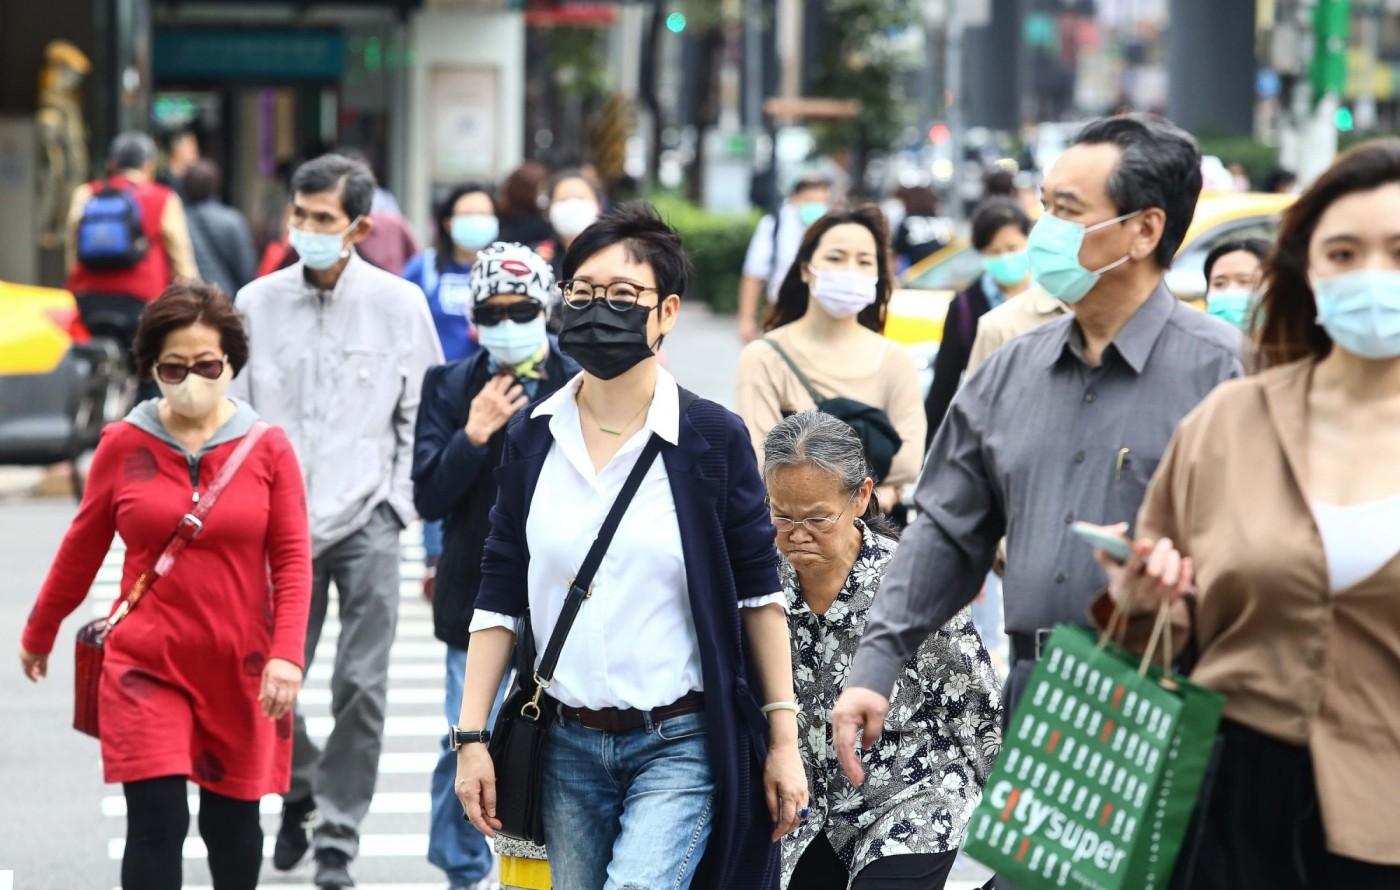 彩色醫用口罩恐含致癌染料!標檢局啟動採樣揪無良廠商